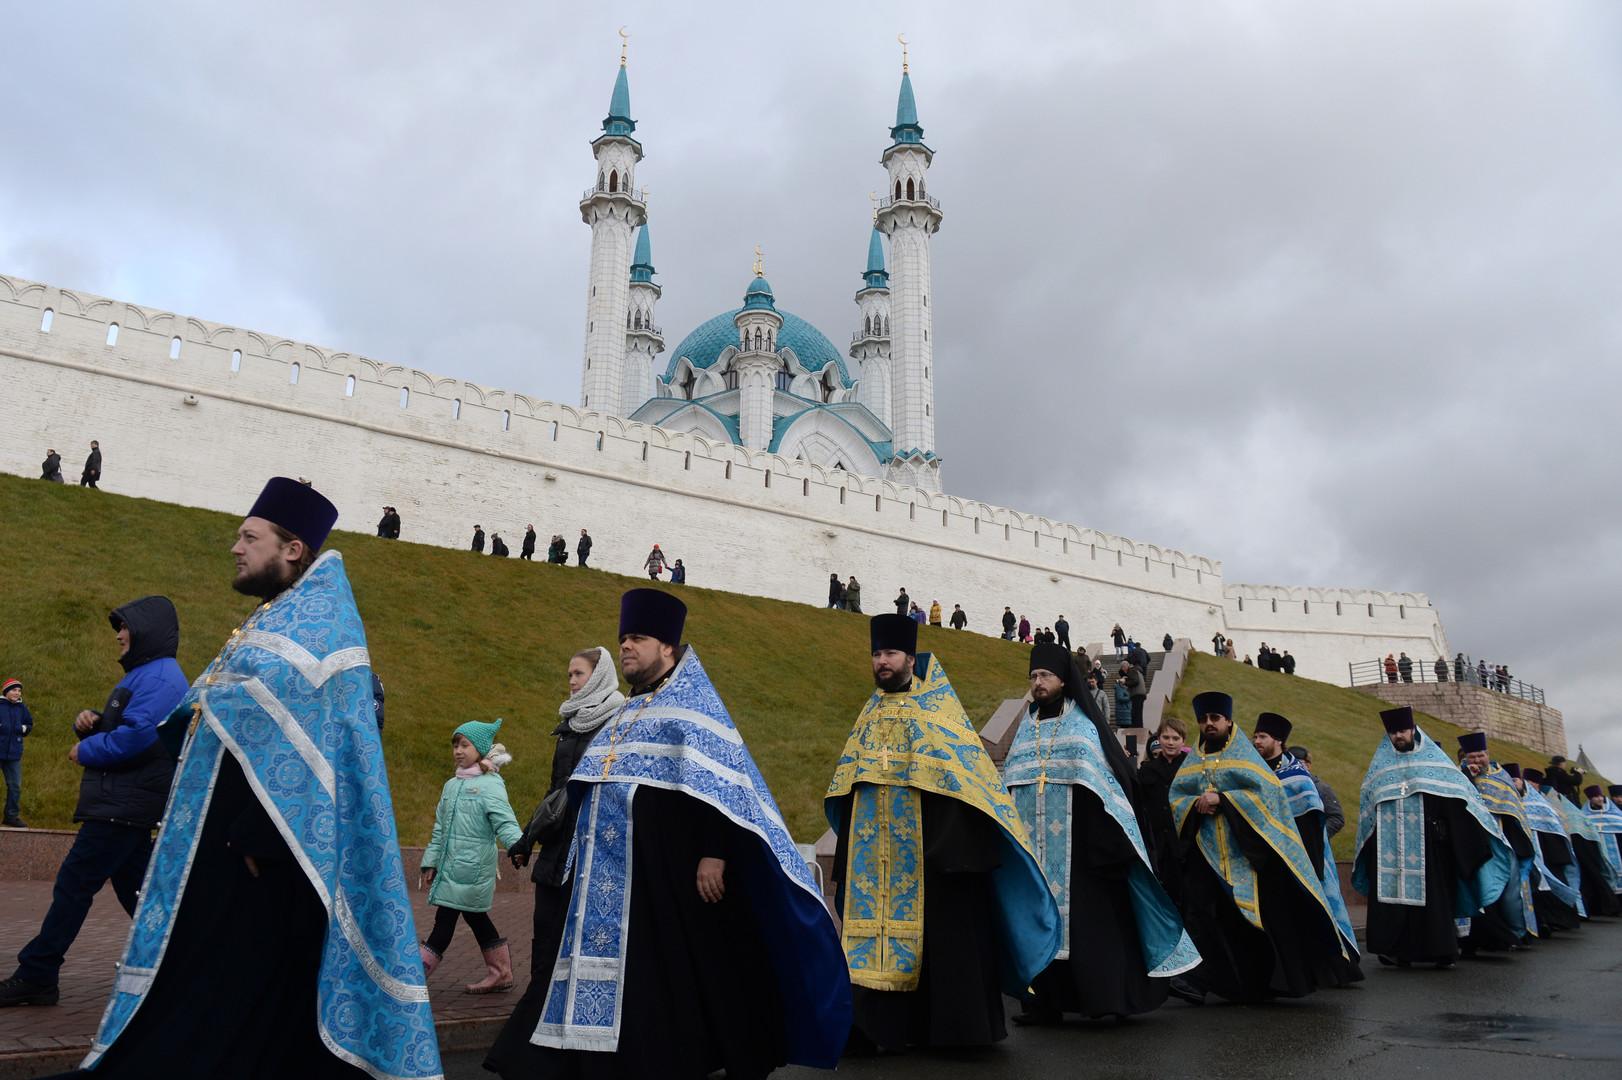 Kasan - Ein Reiseziel, welches mit zahlreichen Klischees über Russland bricht